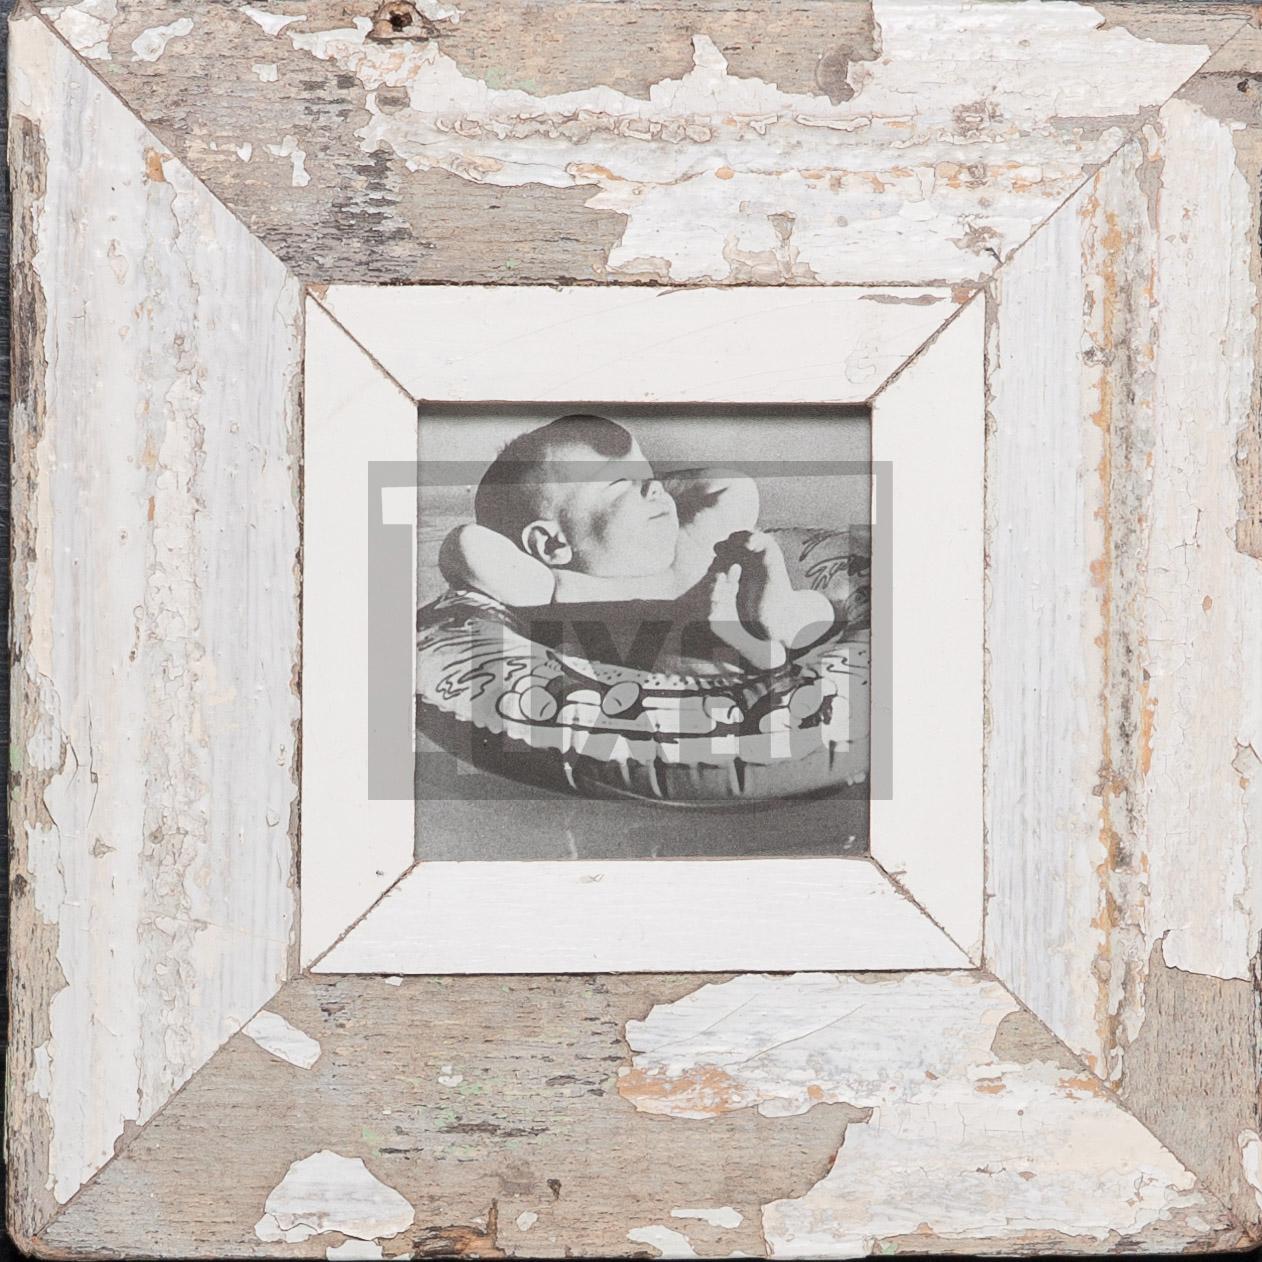 Quadratischer Altholz-Fotorahmen für dein Lieblingsfoto